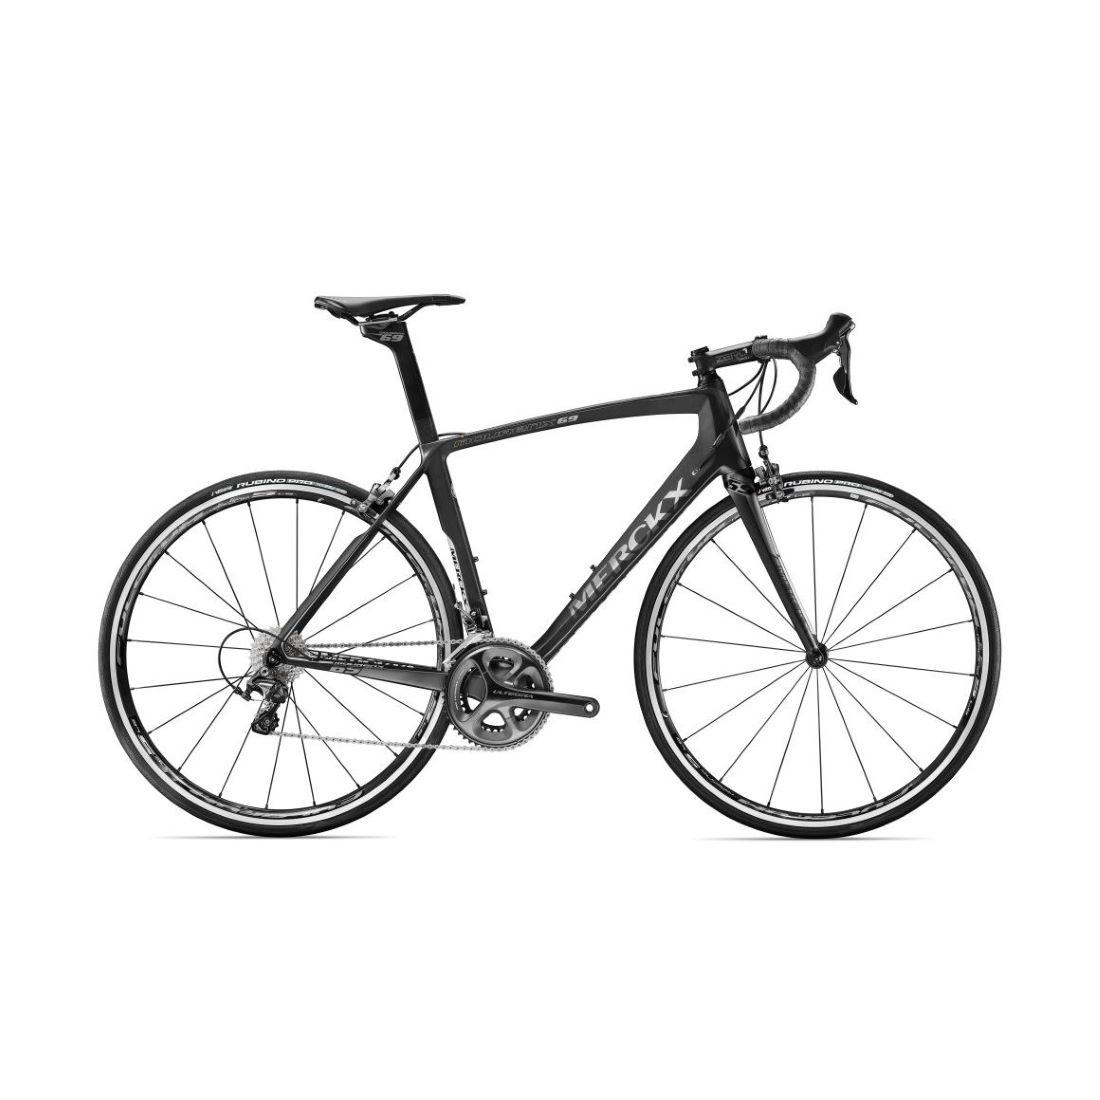 [wigglesport] Eddy Merckx Mourenx 69 Rennrad (2017, Ultegra - Fulcrum)